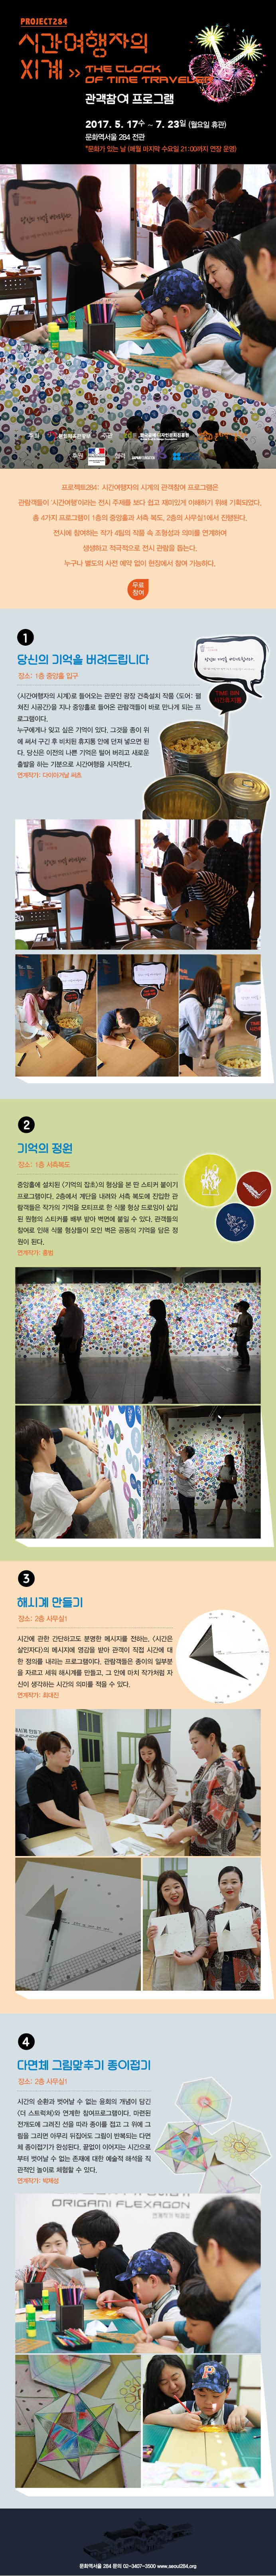 프로젝트284 시간여행자의 시계 관객참여프로그램